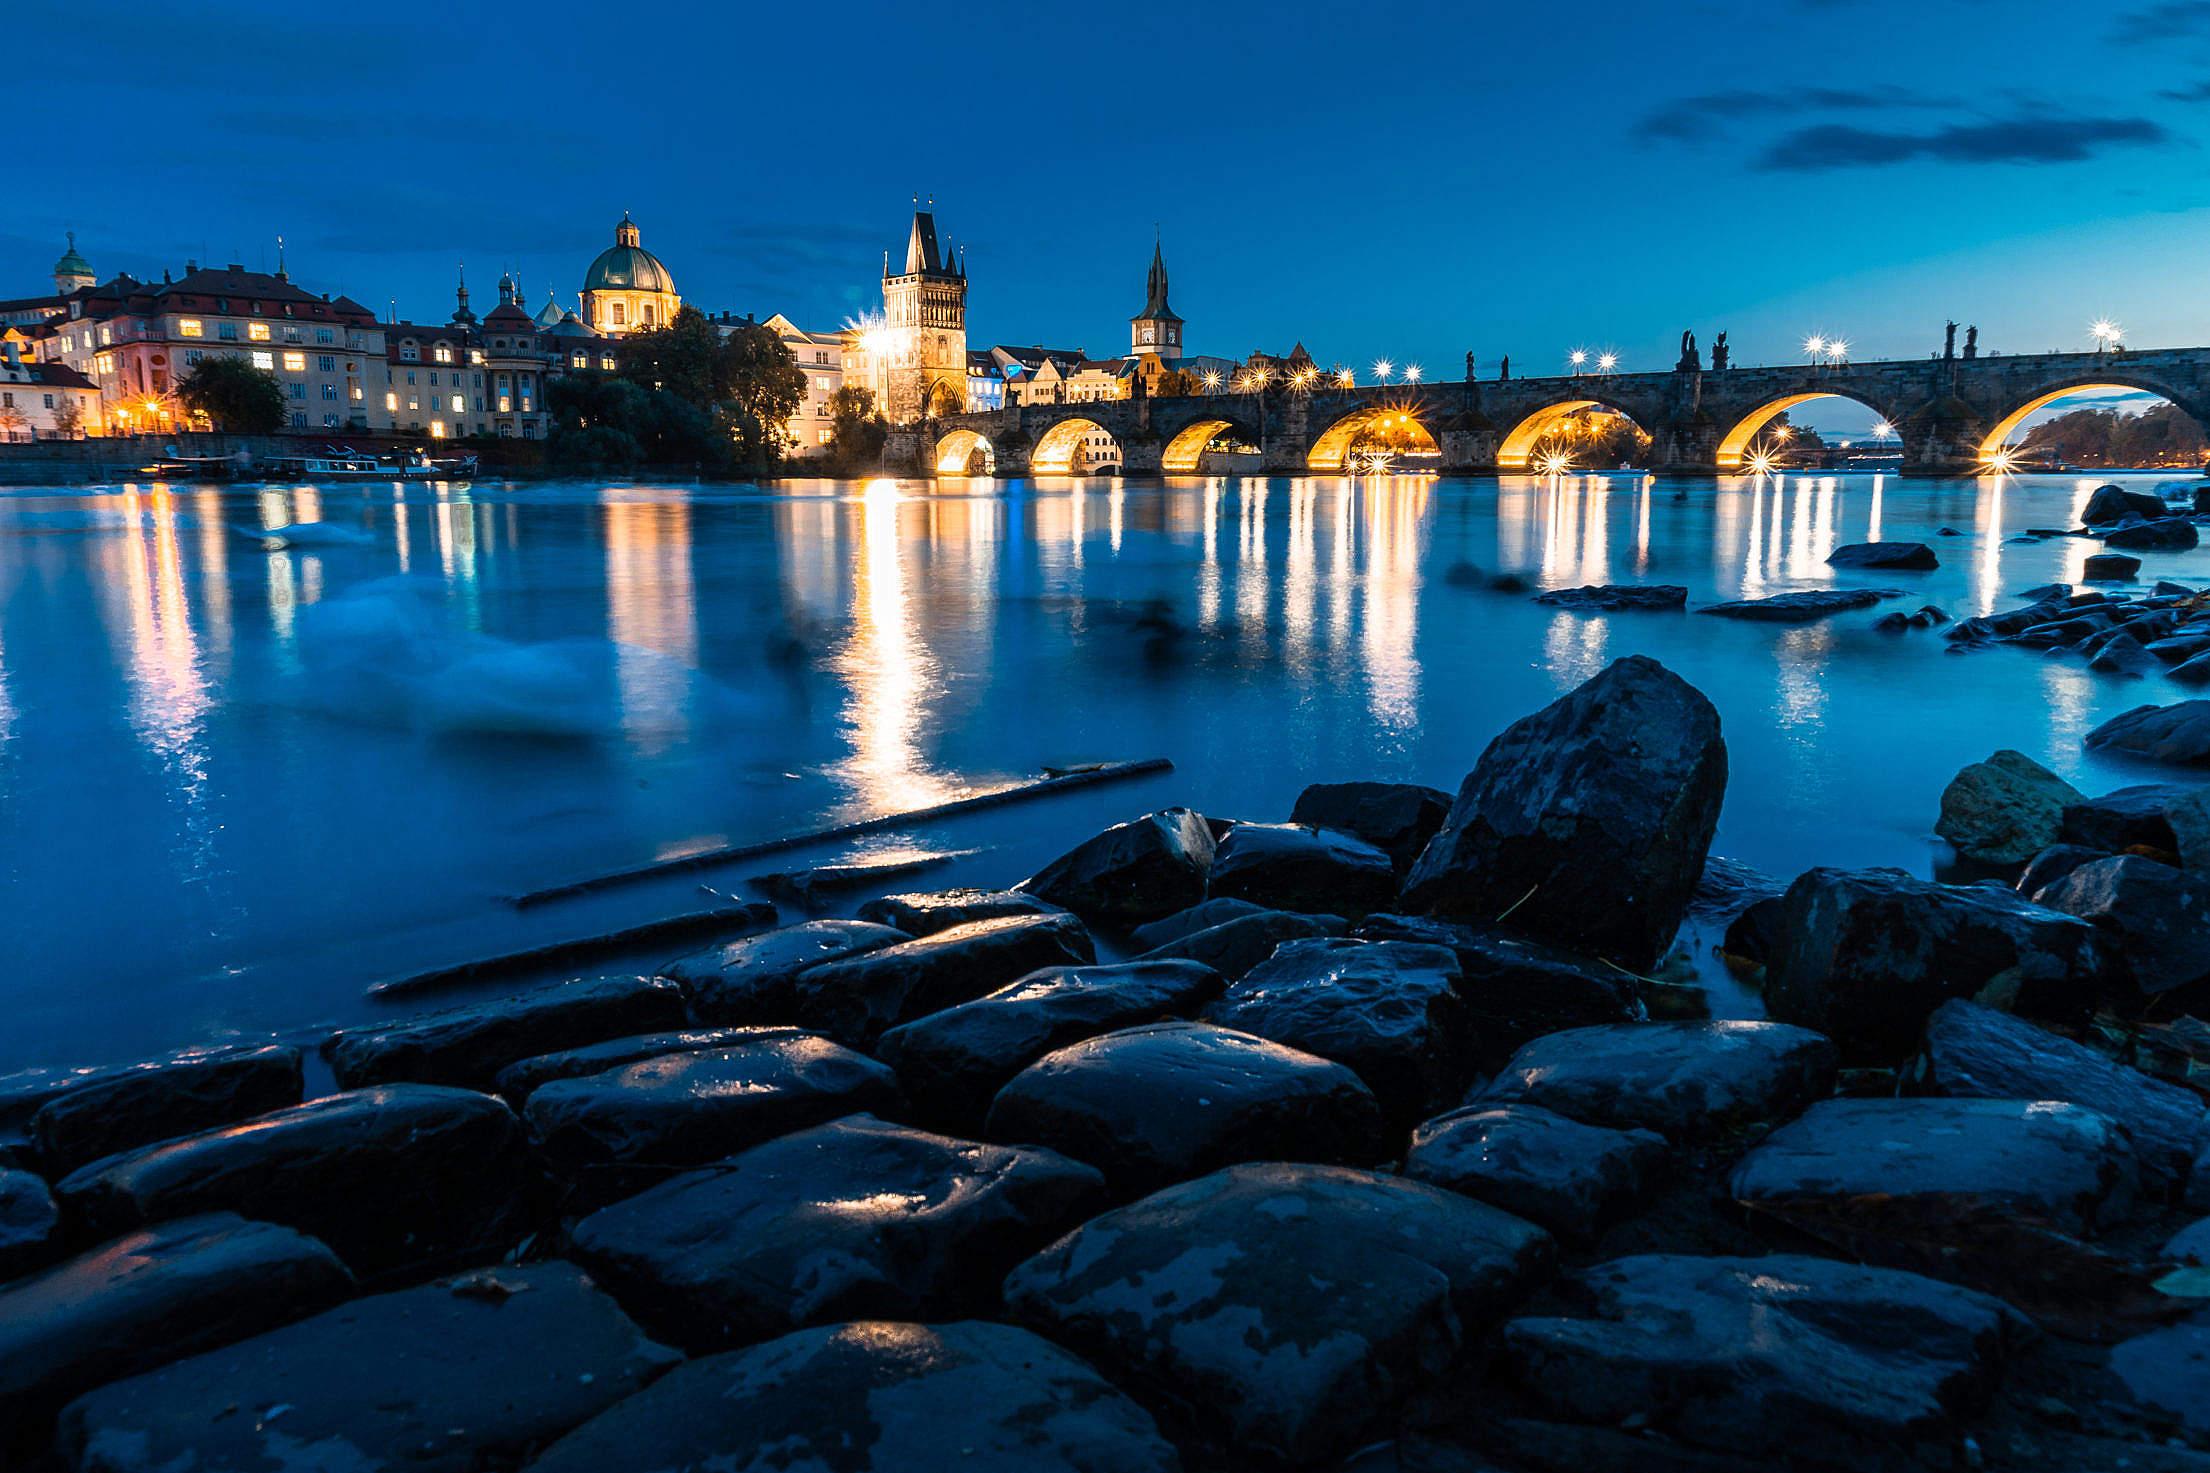 Night View of Charles Bridge in Prague Free Stock Photo